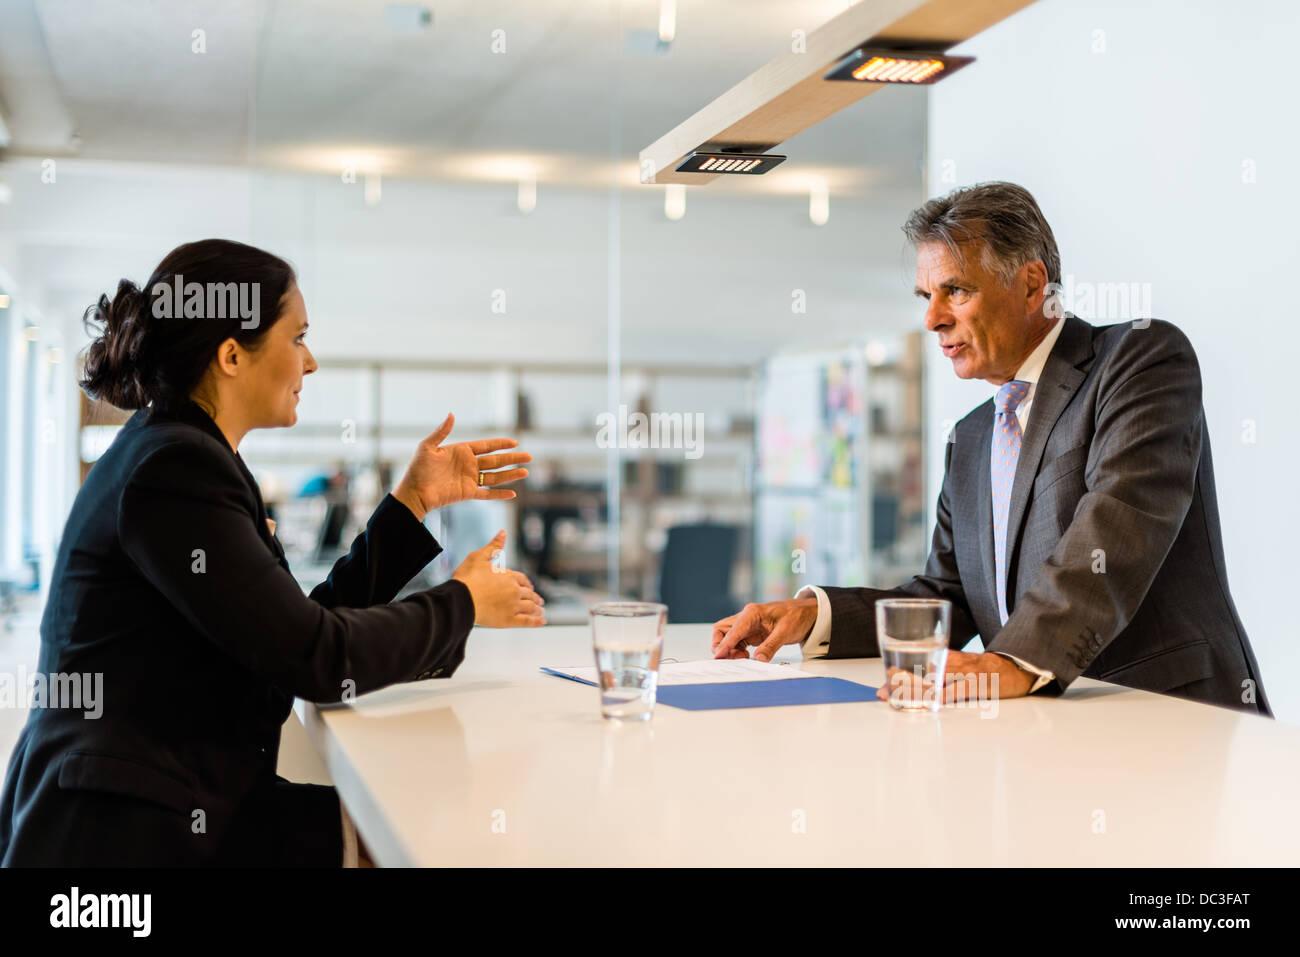 Recruteur (homme d'affaires d'âge moyen) contrôle du candidat, une jolie jeune femme,lors de l'entretien Photo Stock